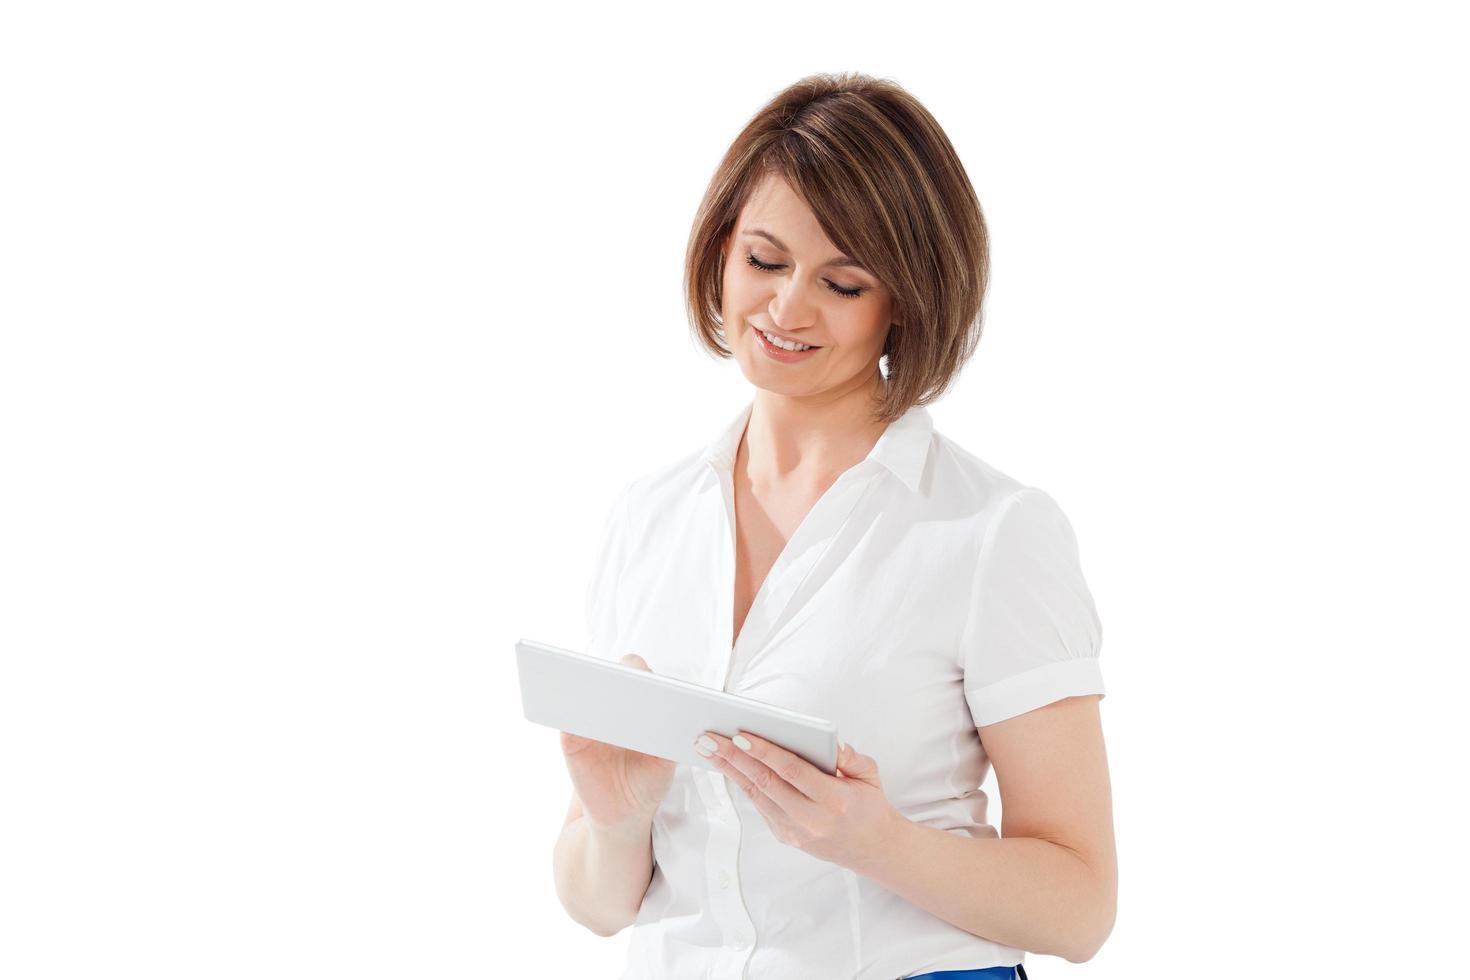 femme utilisant une tablette sur fond blanc photo